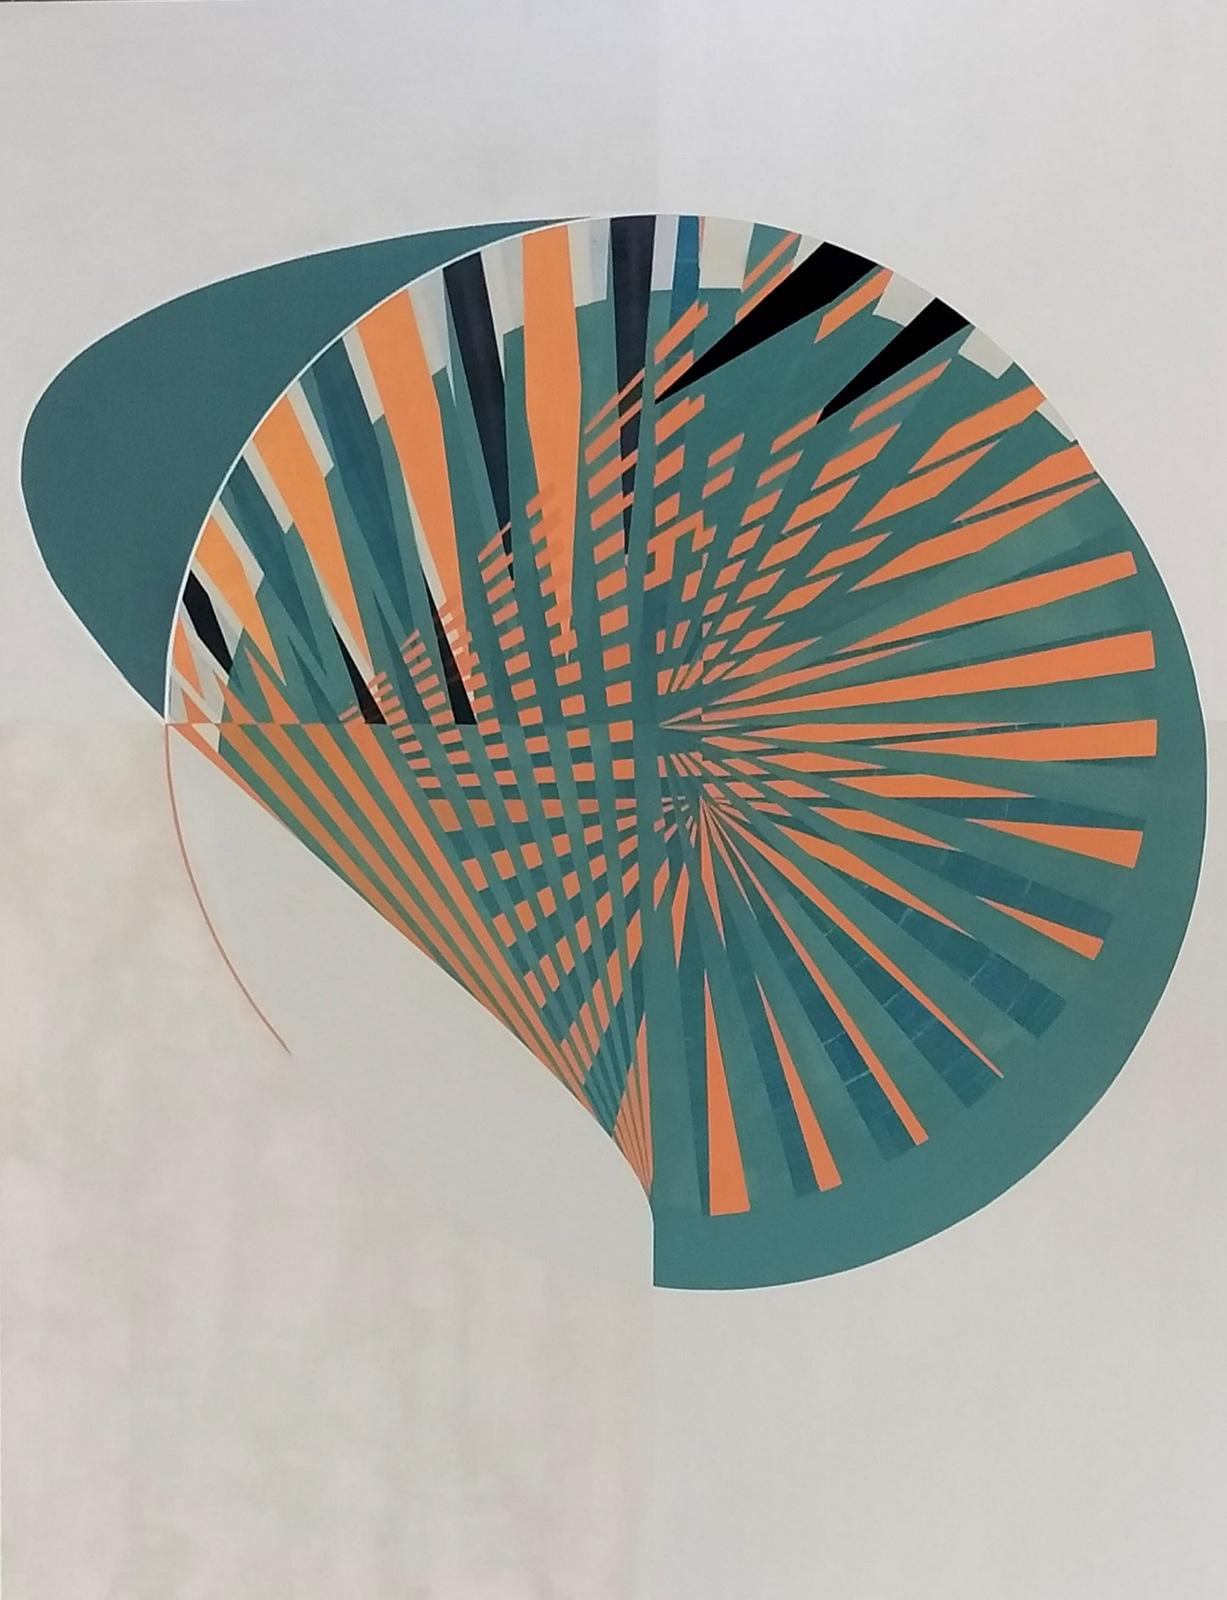 Lugar 1 Técnica mixta sobre lienzo 180 x 14